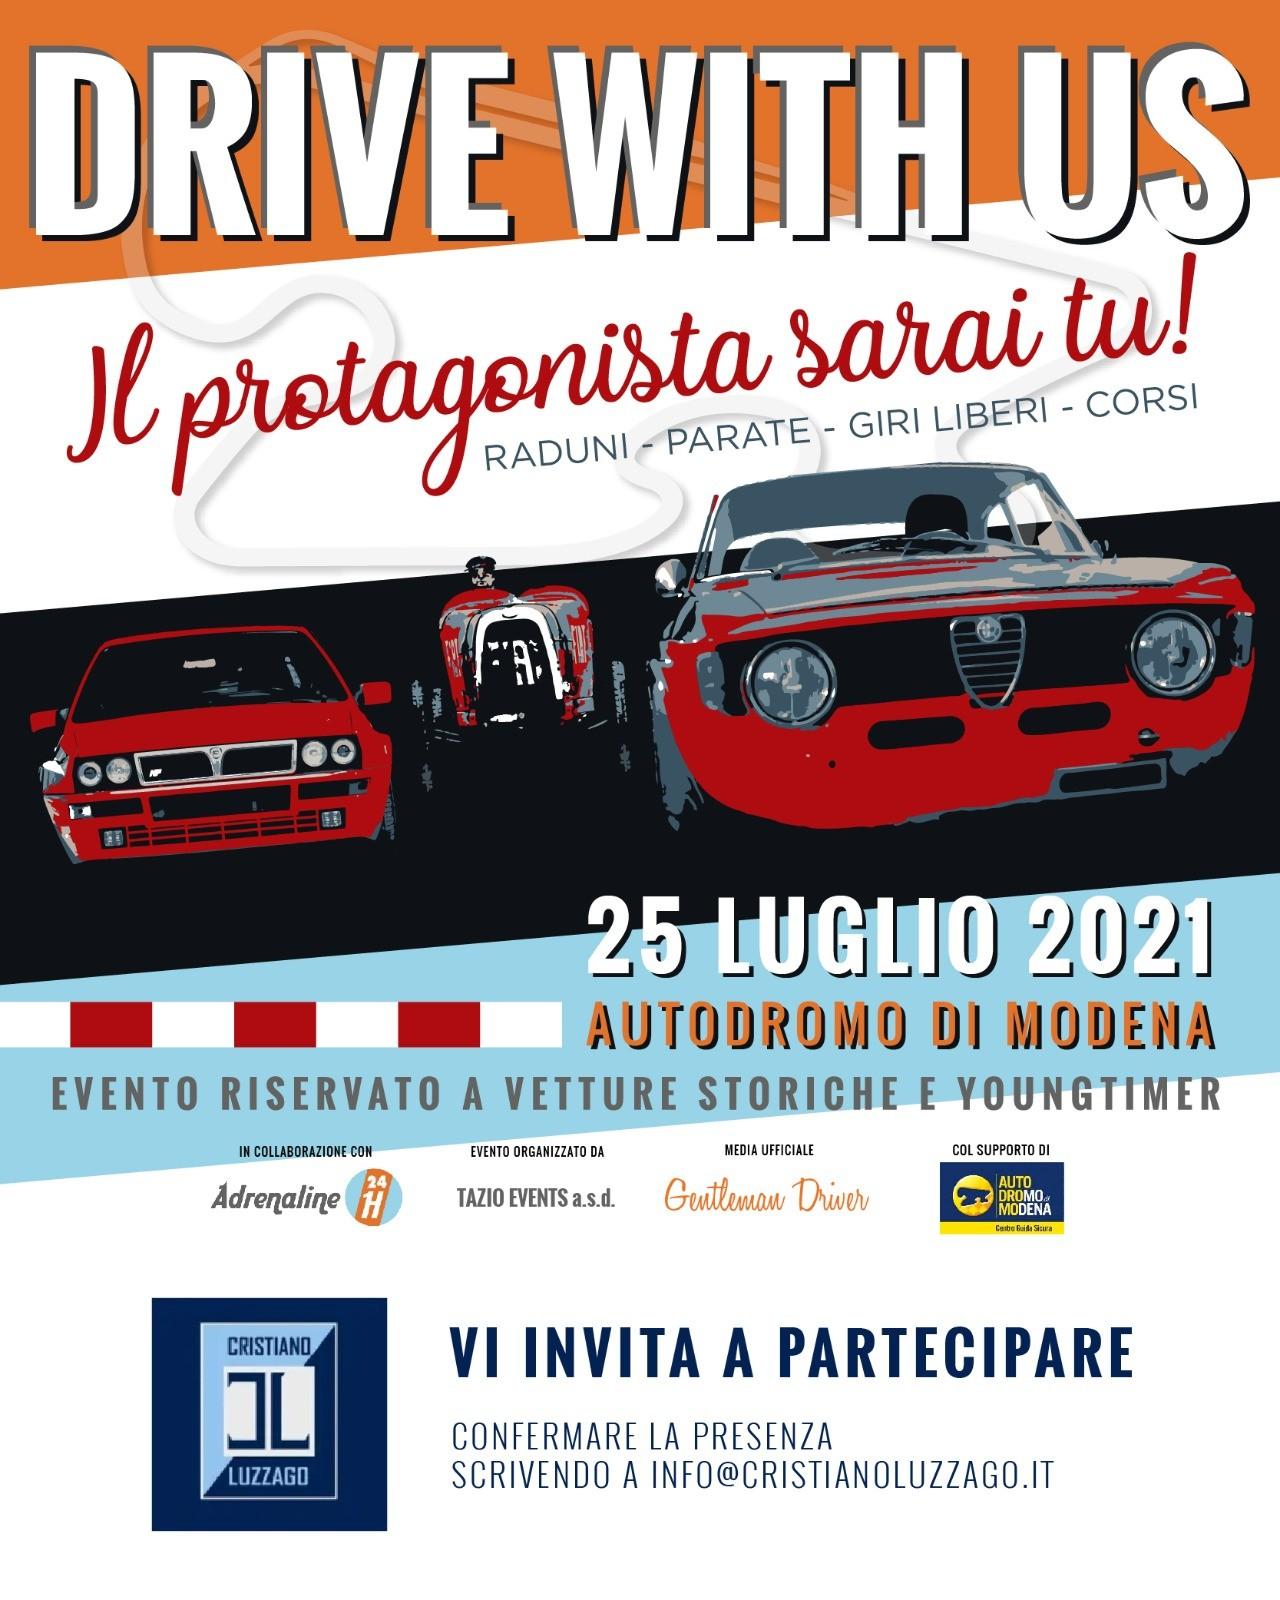 DRIVE WITH US, TUTTI IN PISTA ALL'AUTODROMO DI MODENA DOMENICA 25 LUGLIO